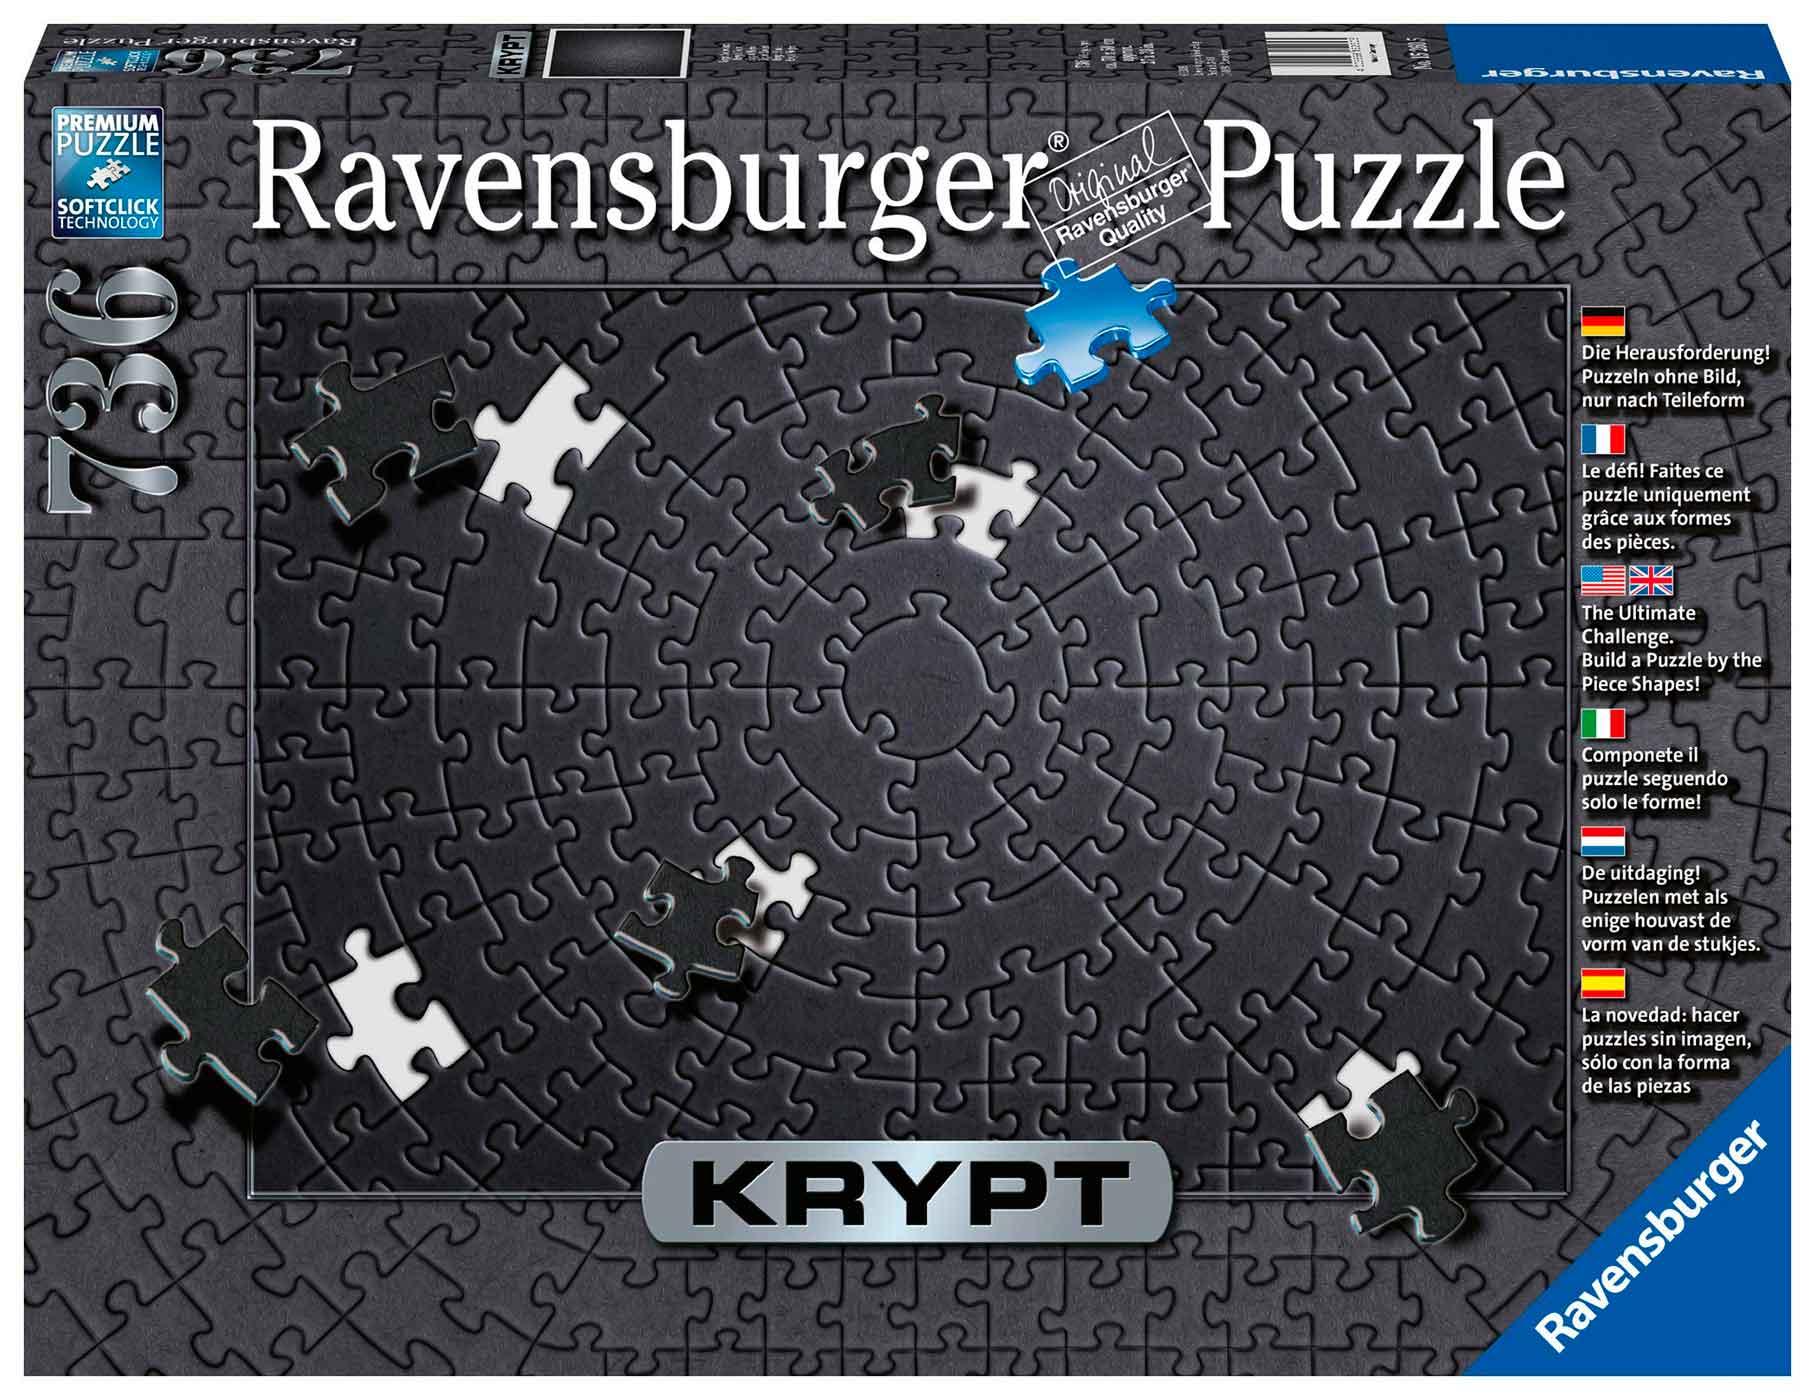 Puzzle Ravensburger Krypt Negro de 736 Piezas